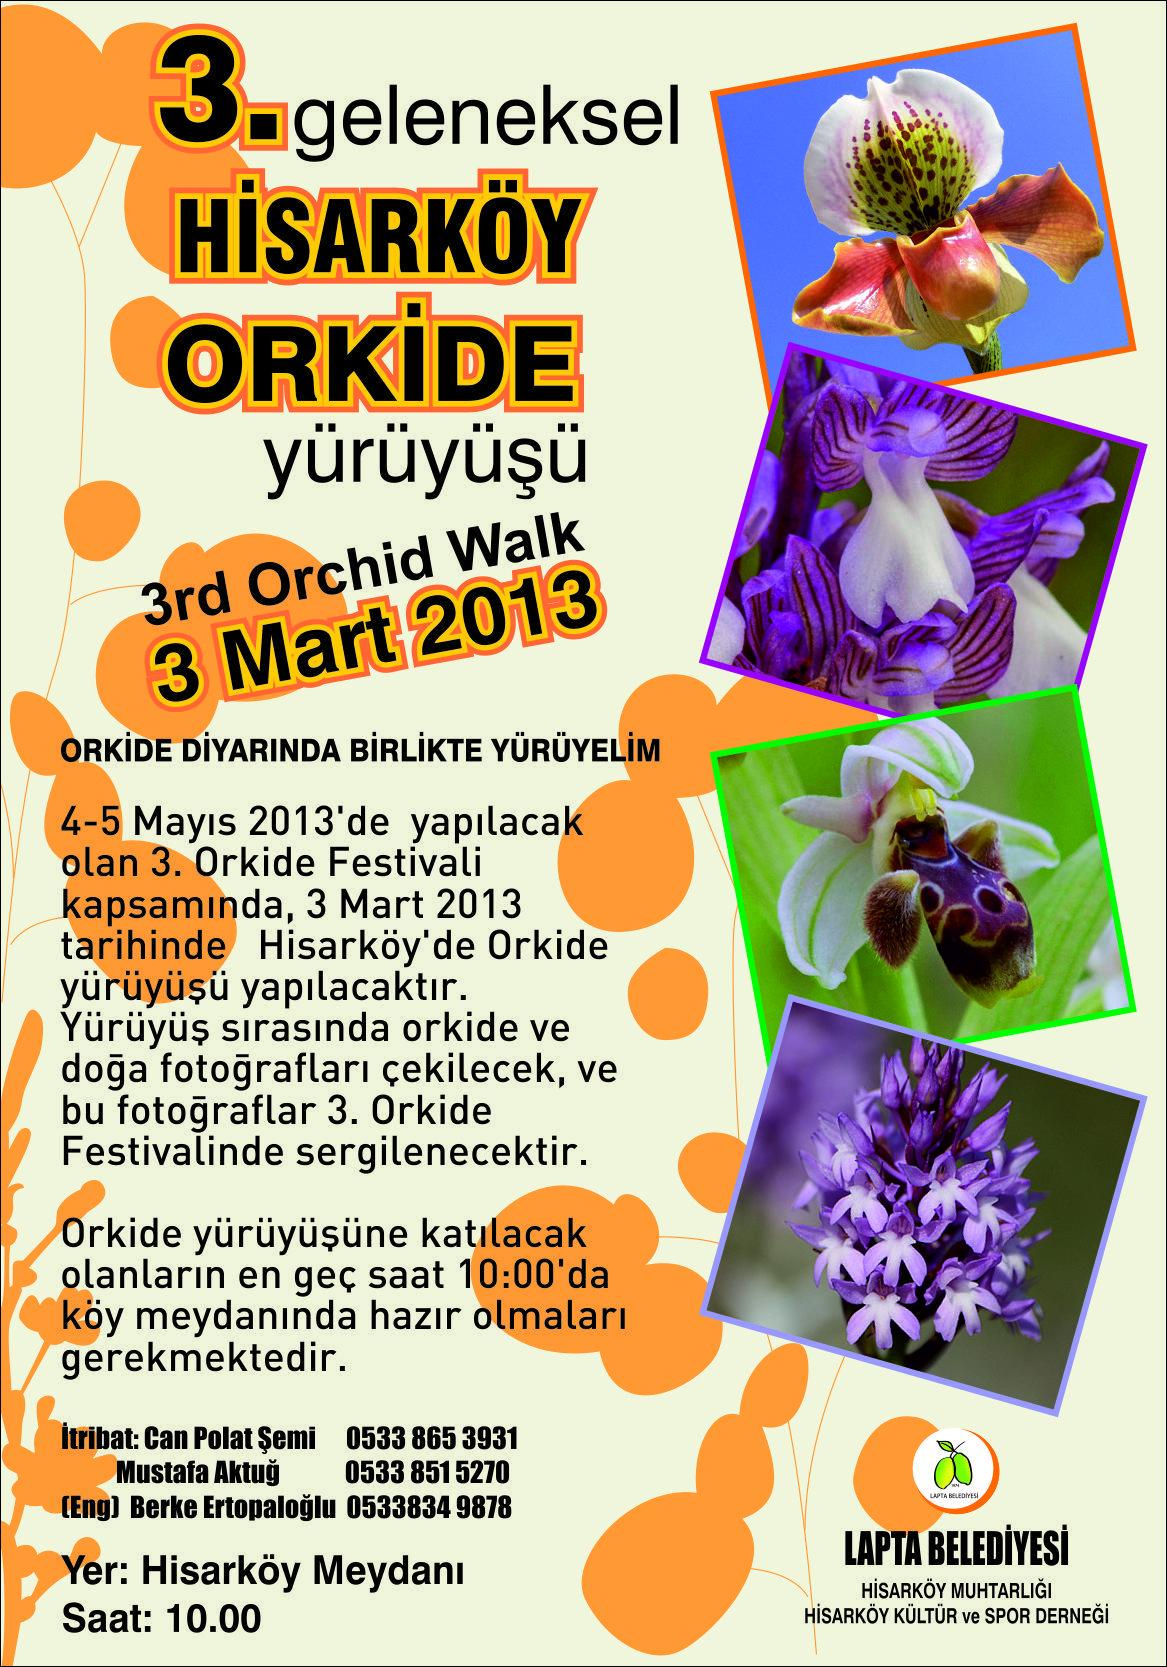 hisarköy orkide yürüyüşü